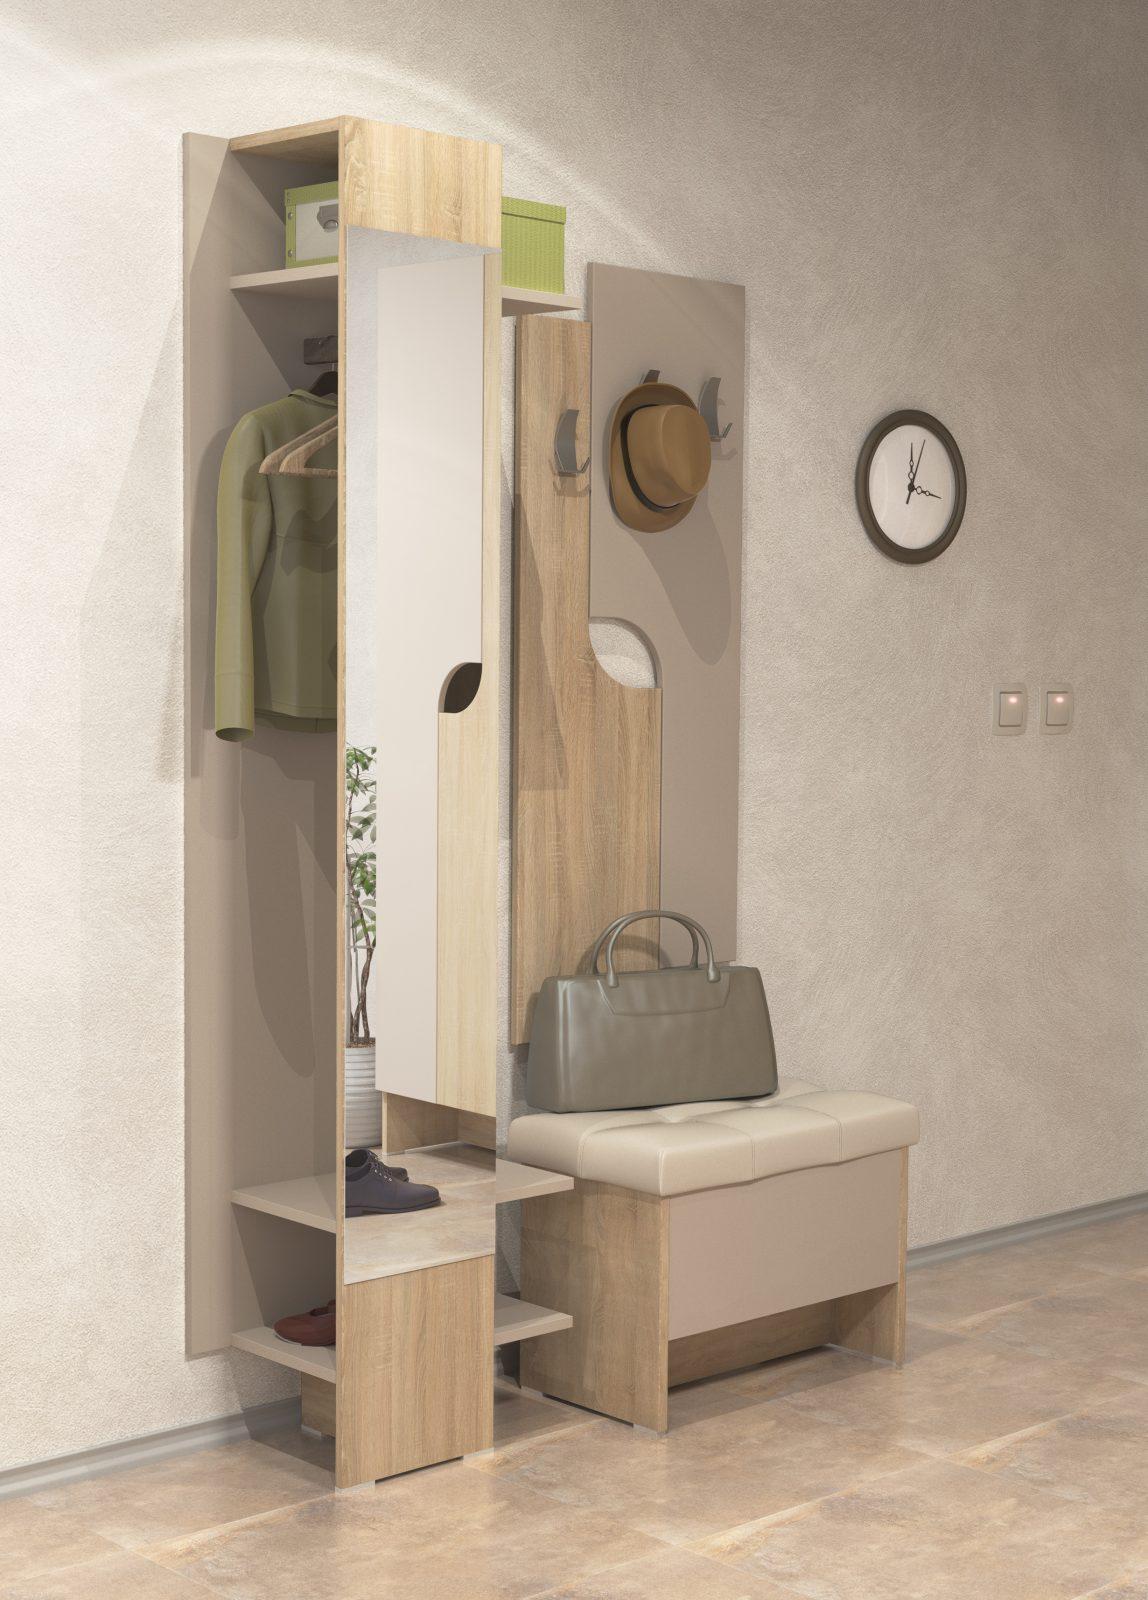 Фриланс проектировщик мебели удаленная работа врачом рентгенологом